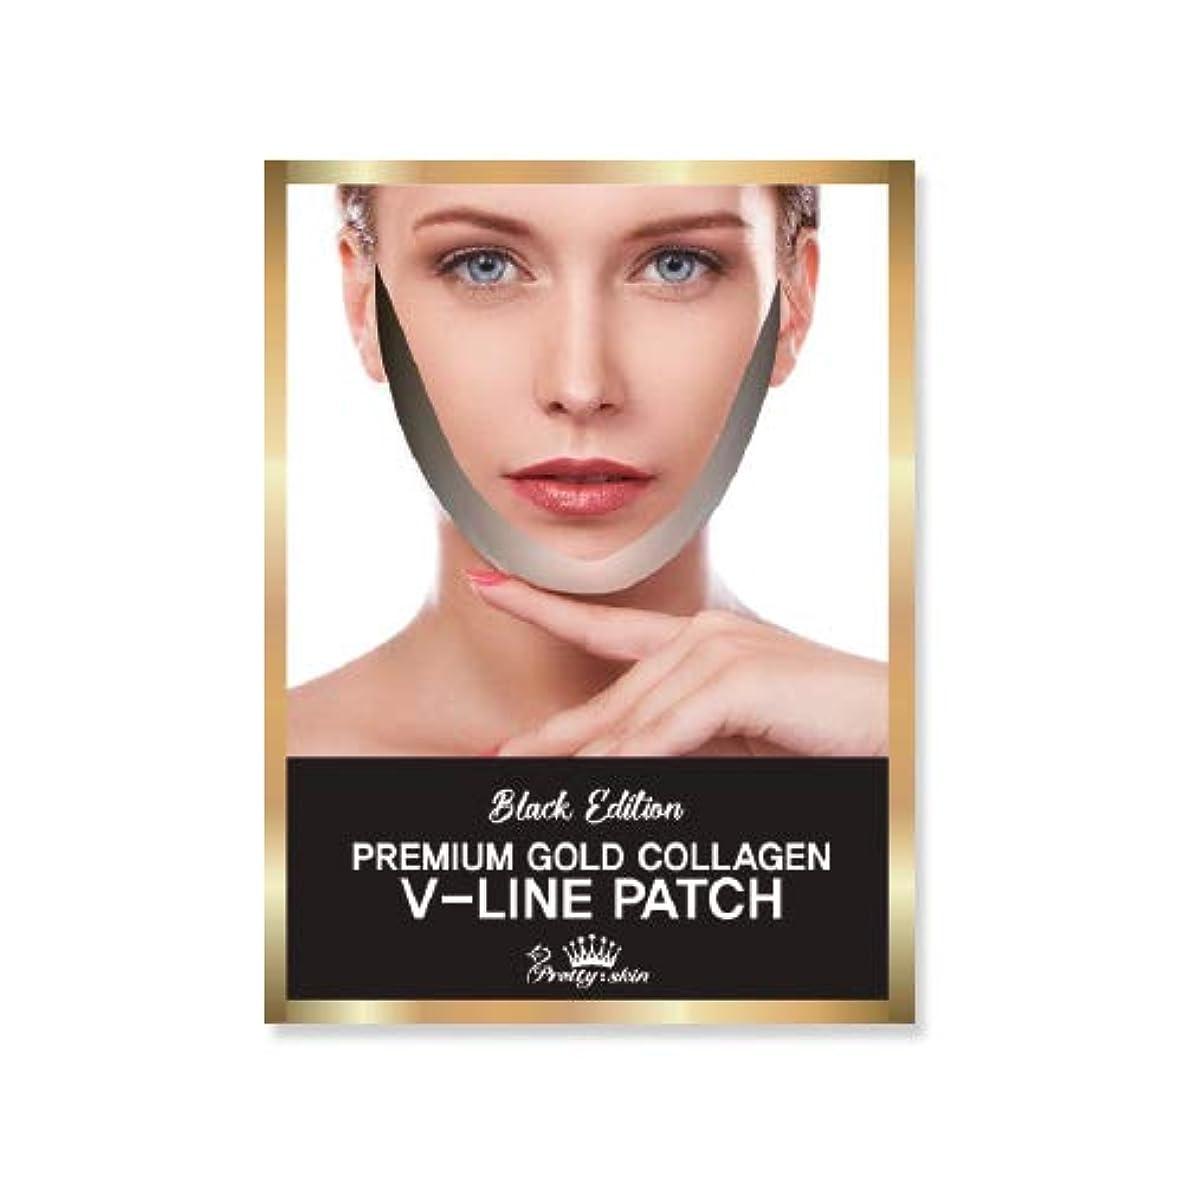 一時停止共産主義詳細なpretty skin プリティスキン V-LINE PATCH ブイラインパッチ リフトアップ マスク (5枚組, ブラック)